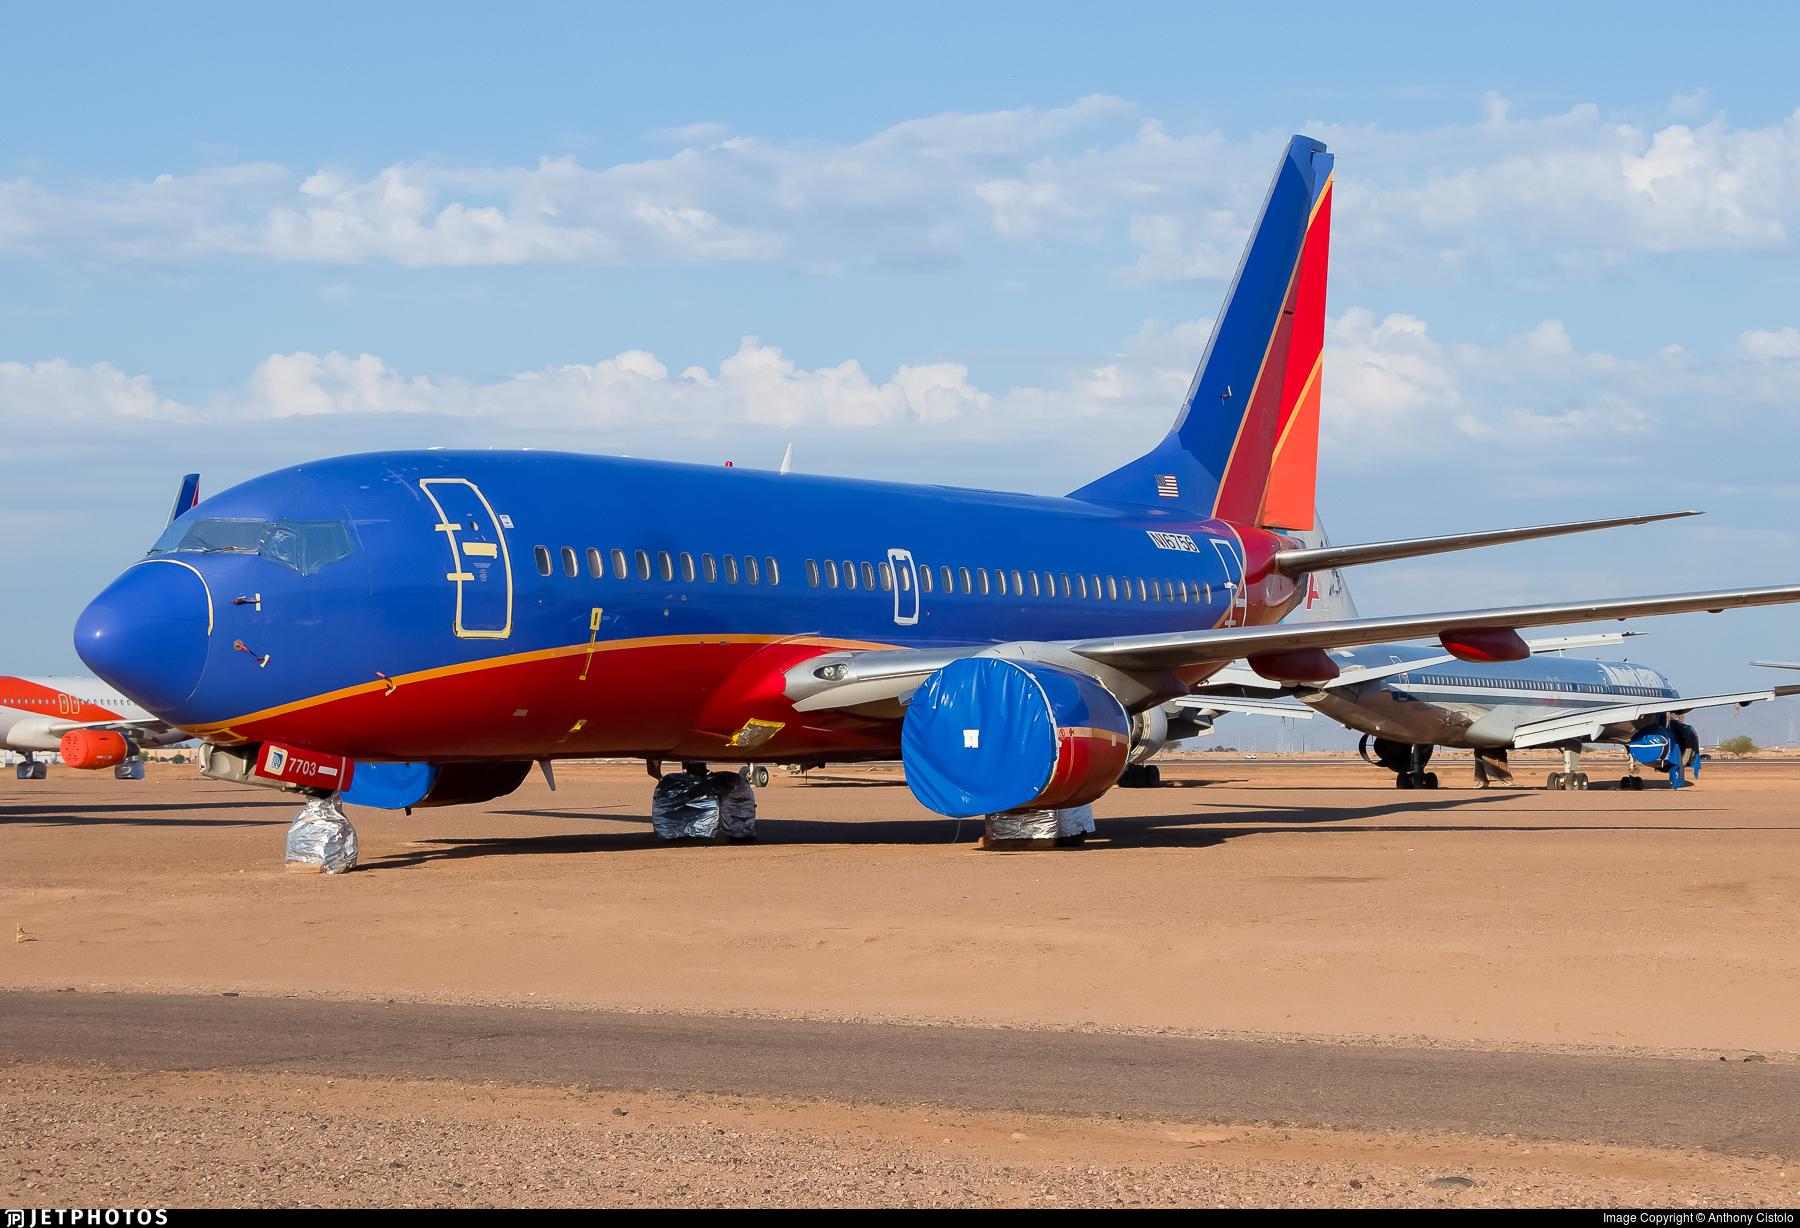 N16756 - Boeing 737-76N - Untitled